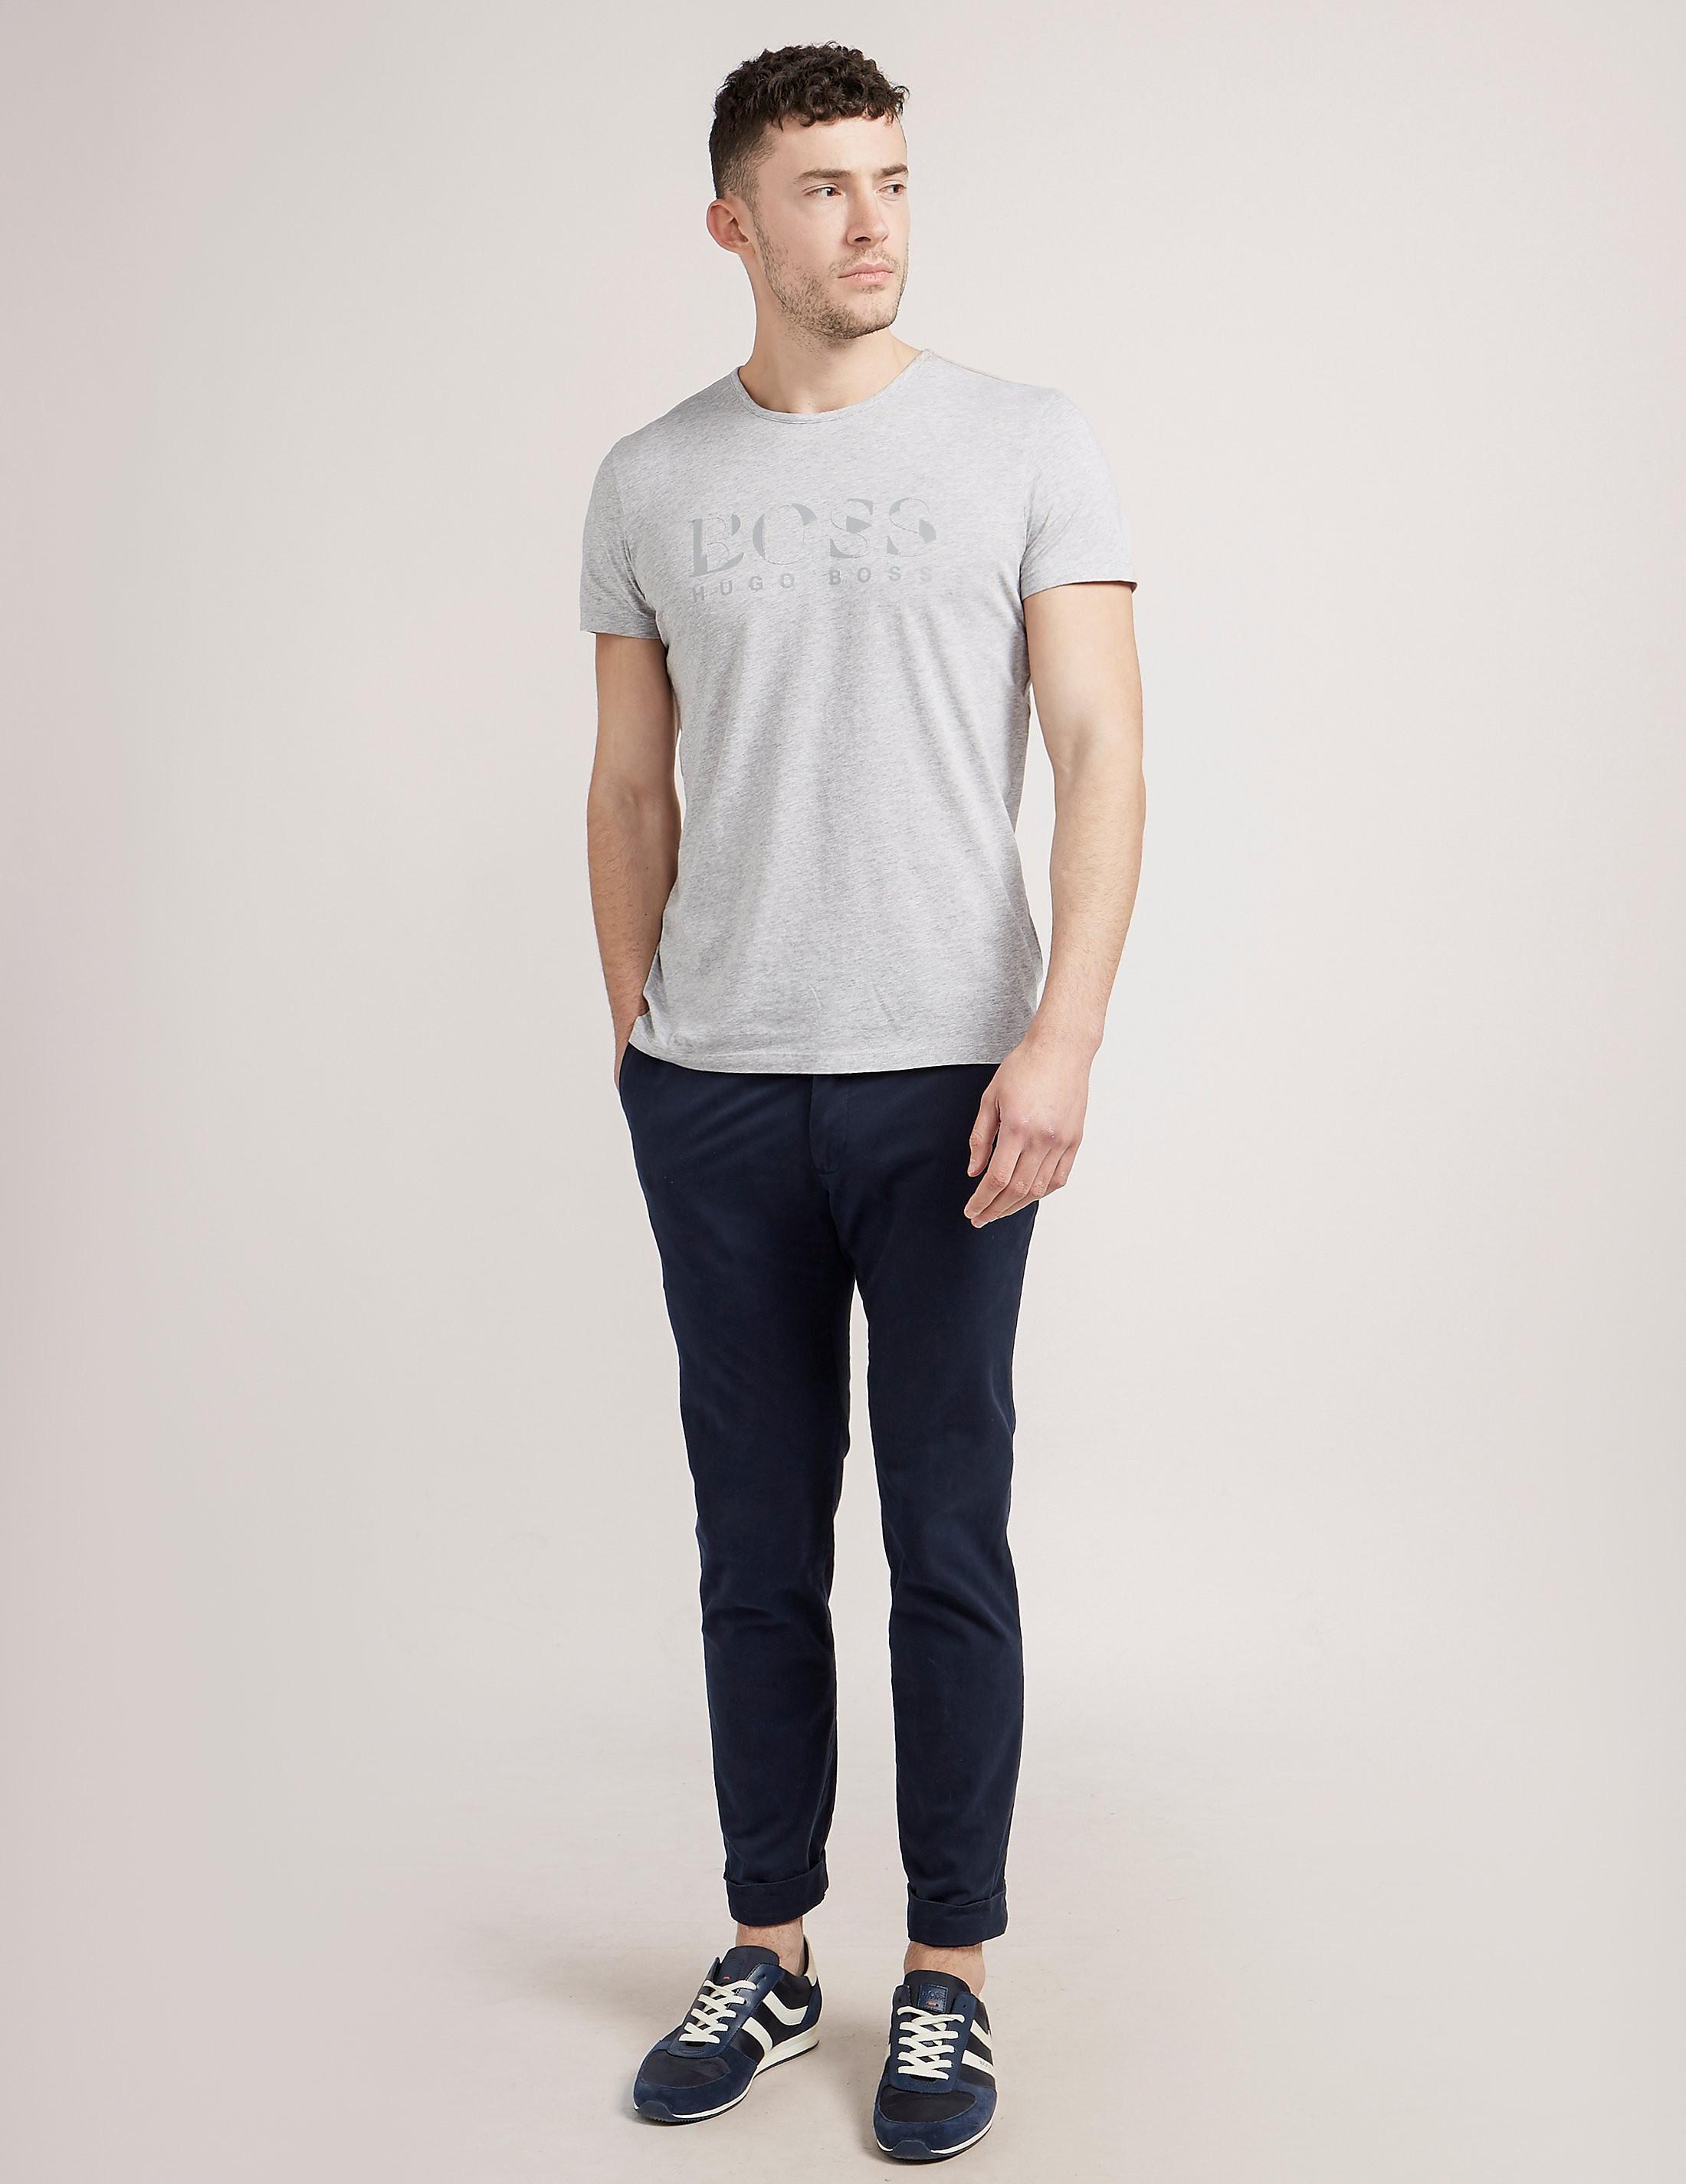 BOSS Tessler 45 T-Shirt